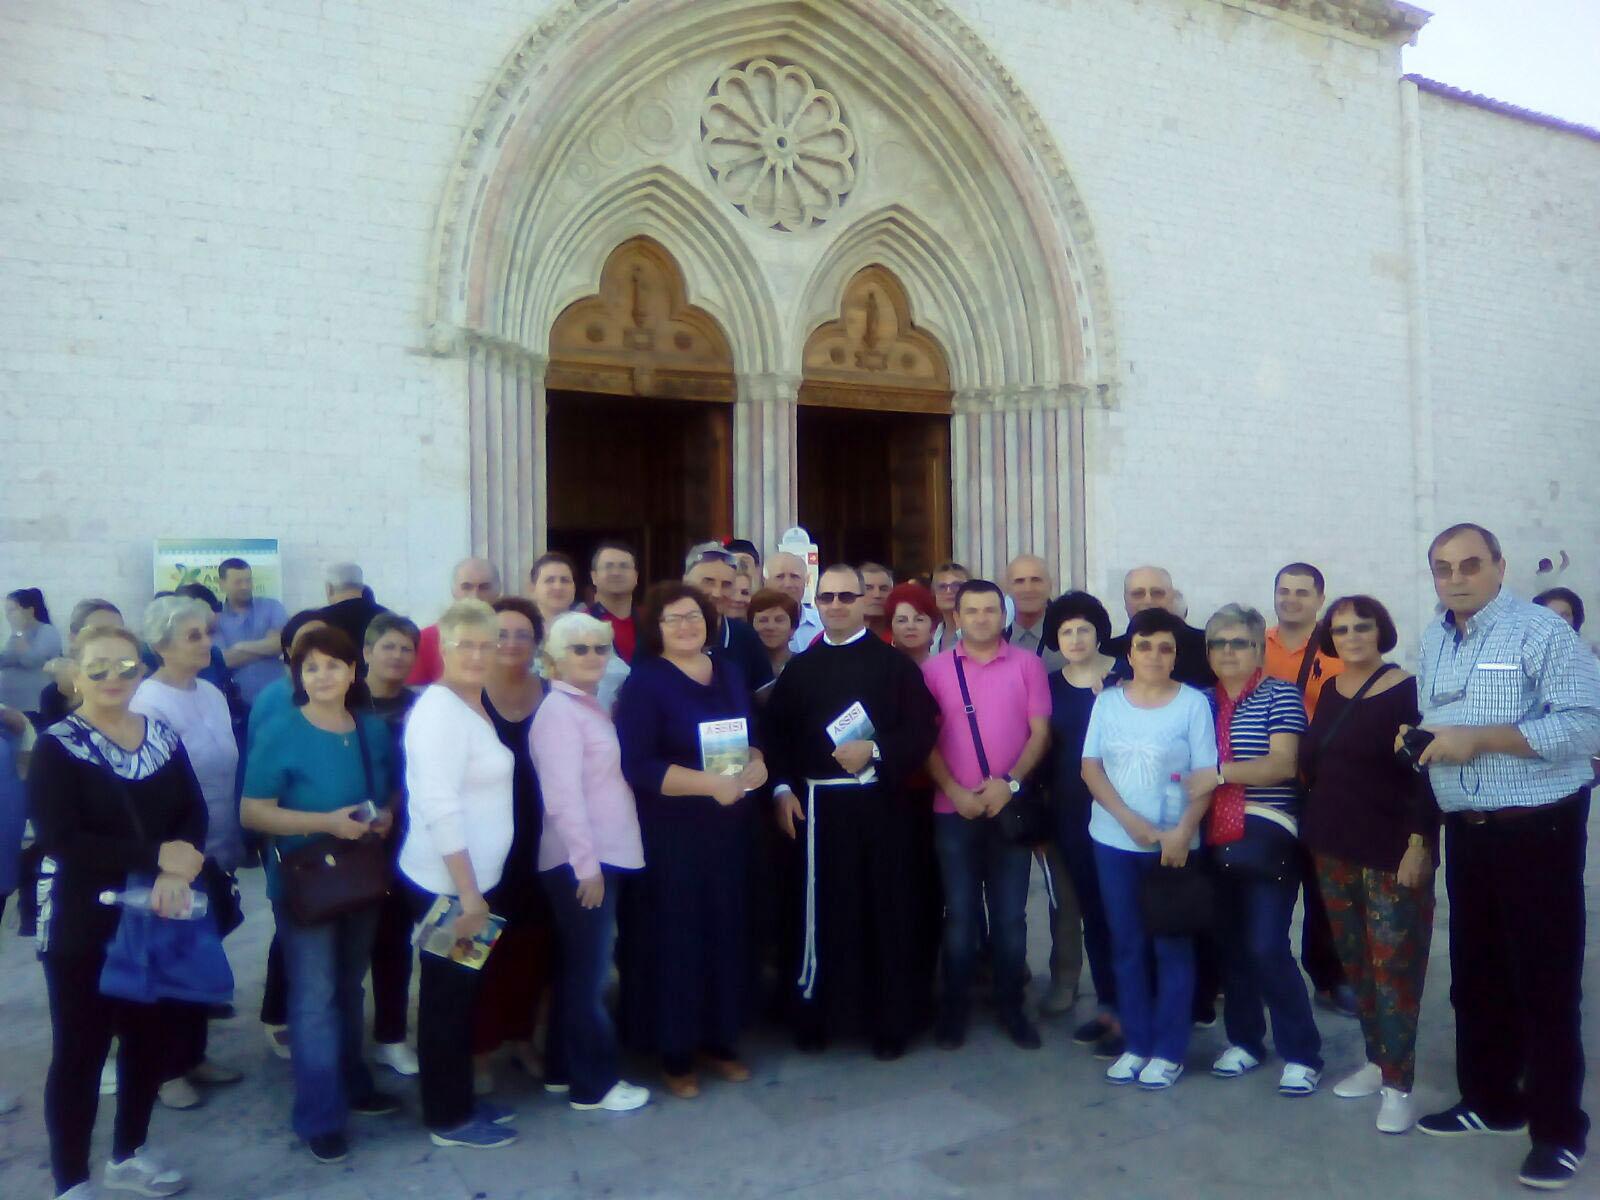 Assisi Oct 2017